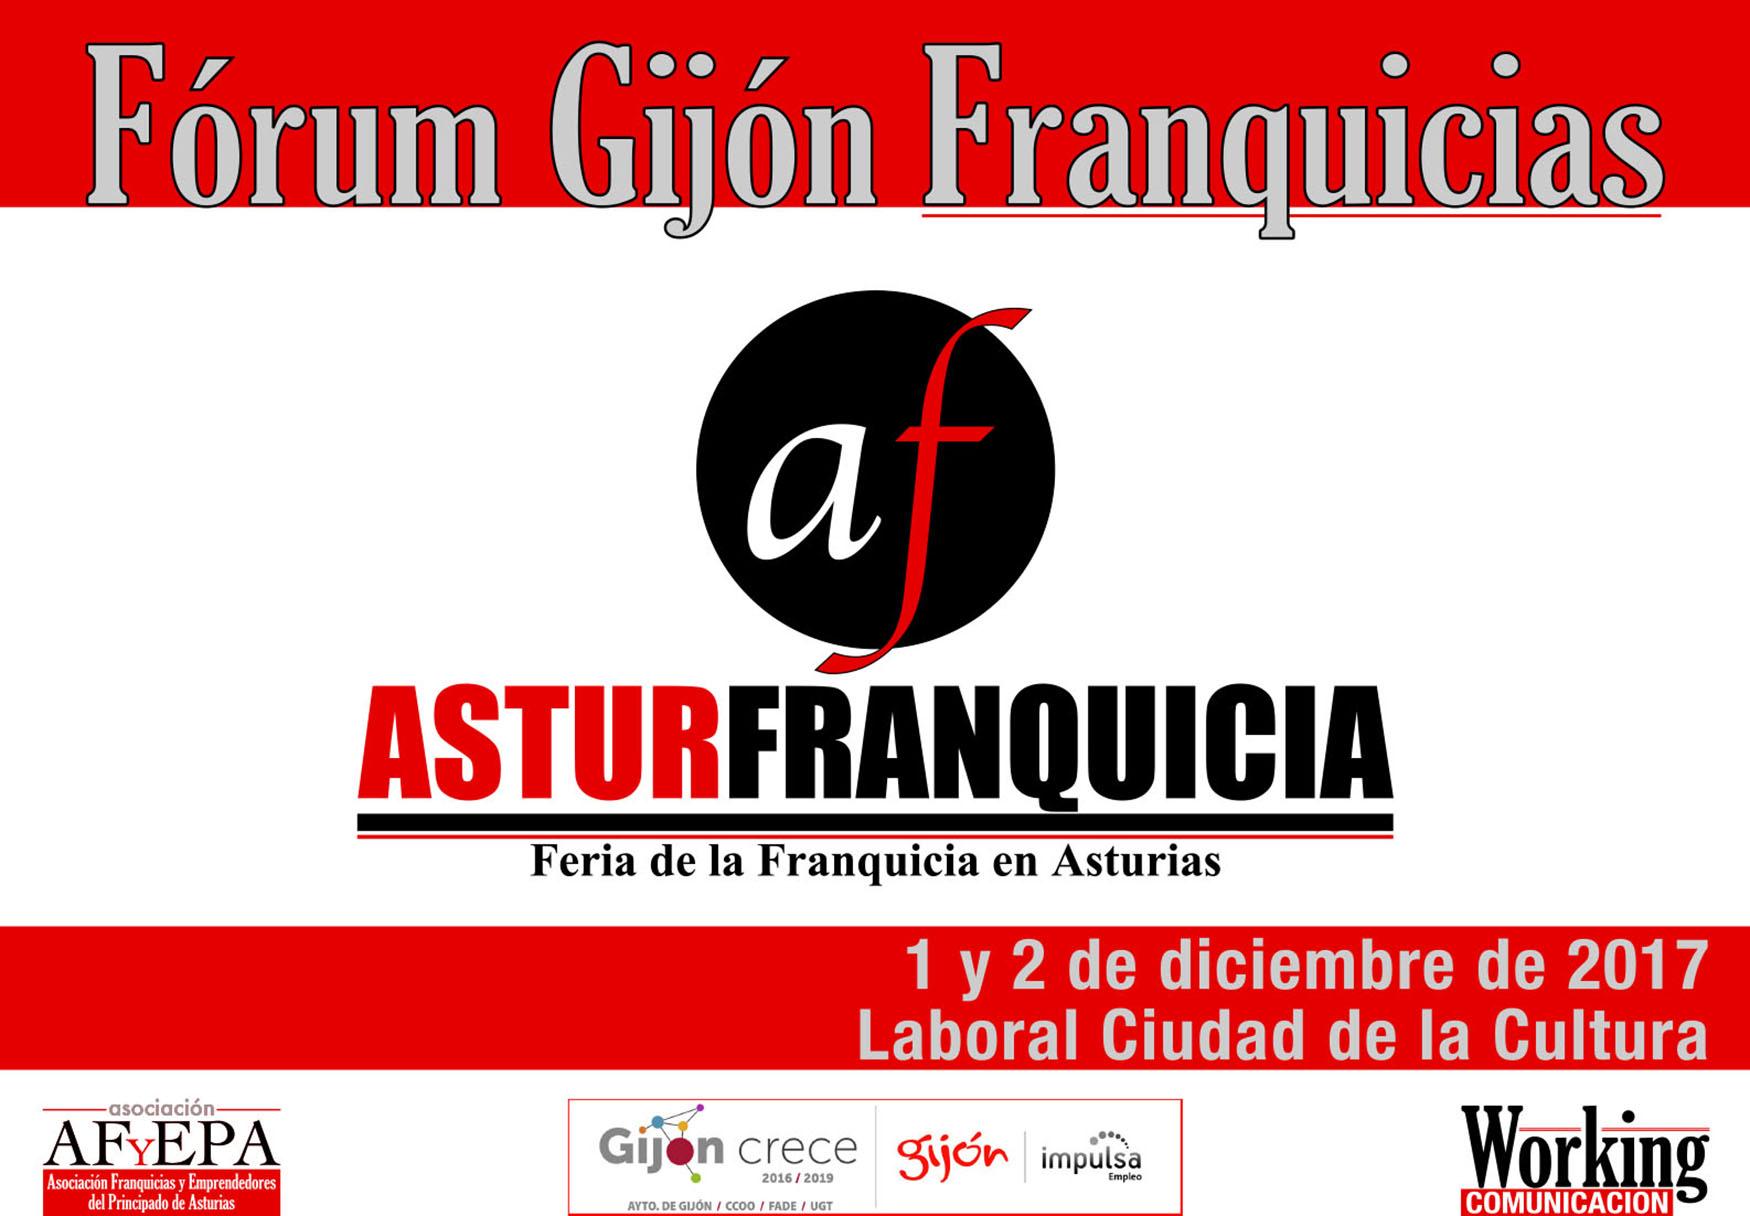 La consultora T4 Franquicias participará en AsturFranquicia